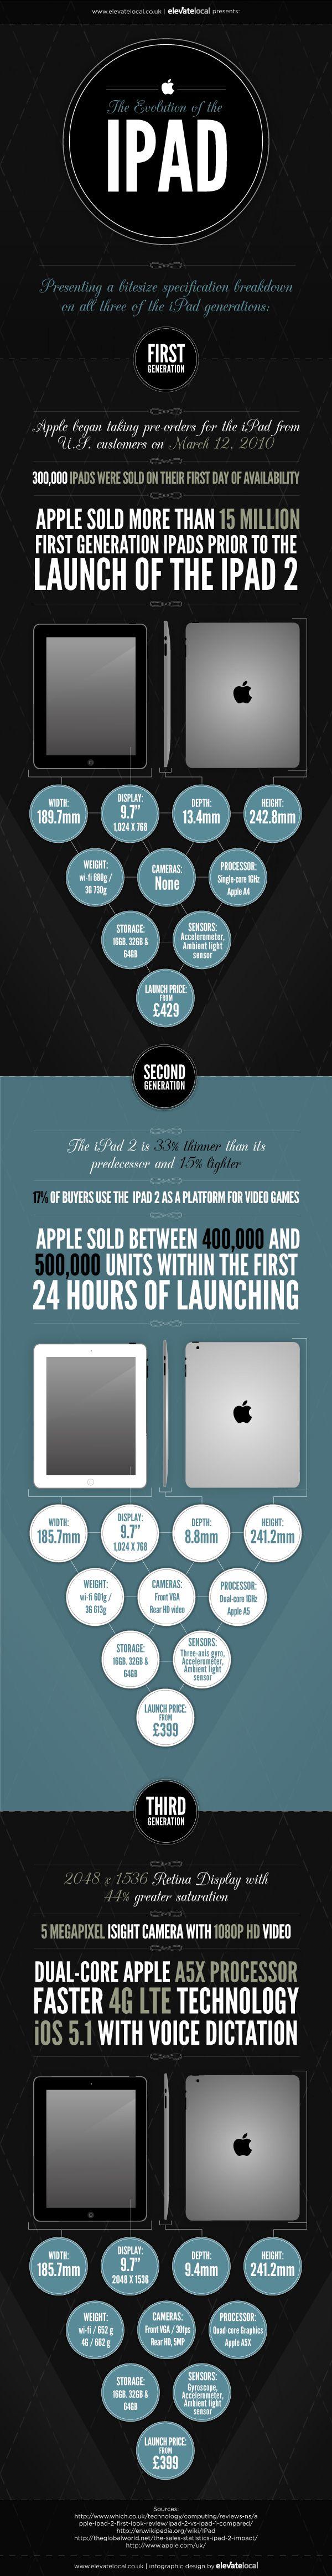 Un comparatif des 3 générations d'iPad à découvrir sur blog.polynet-online.fr...